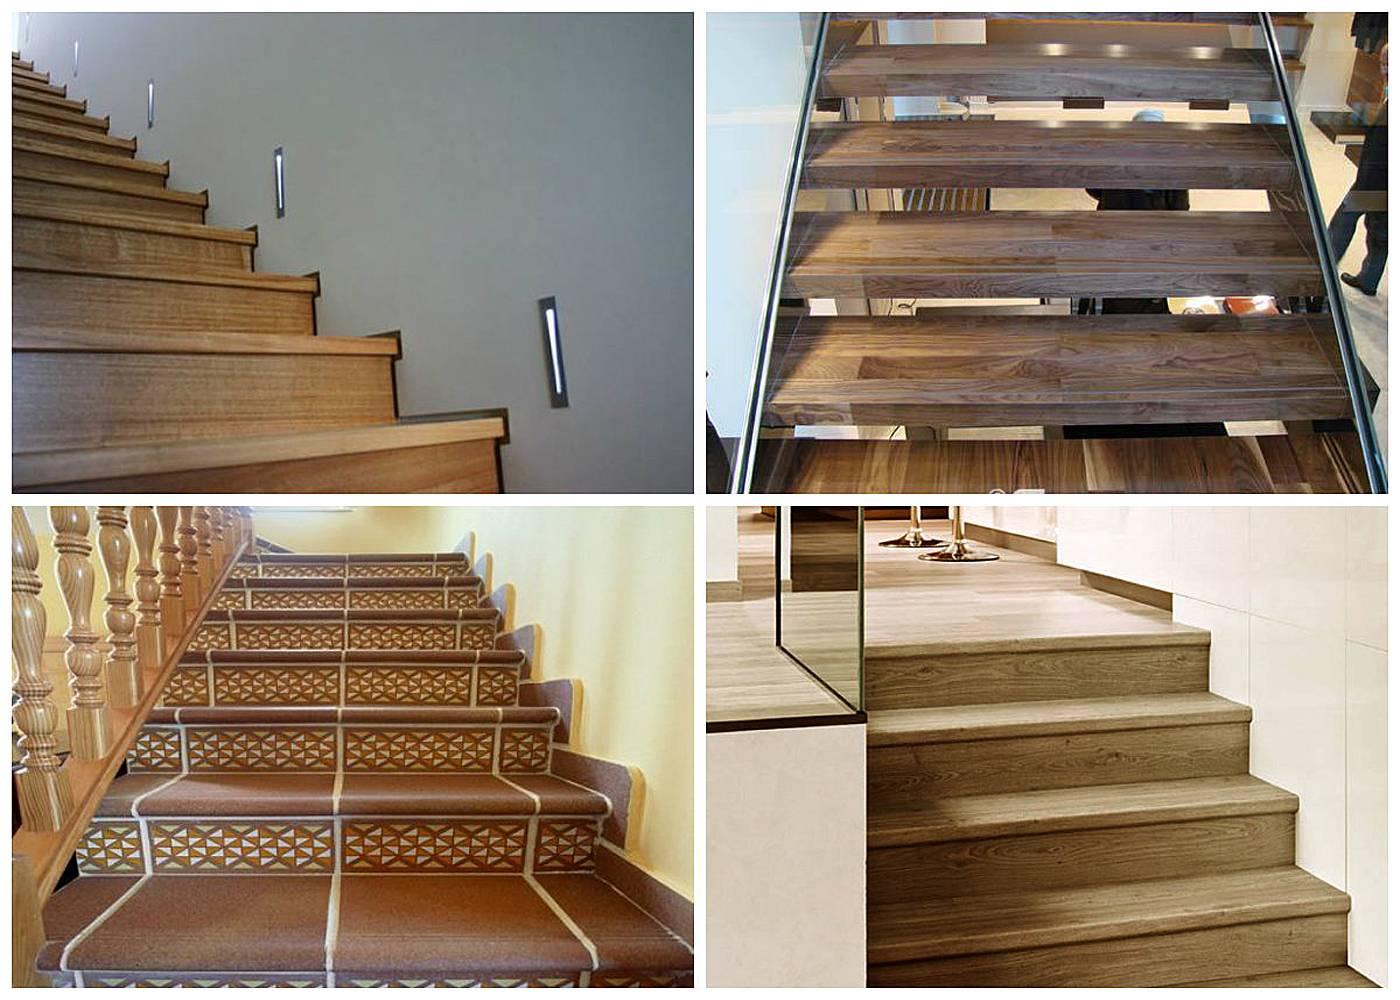 Отделка лестницы своими руками. способы отделки лестницы своими рукамиинформационный строительный сайт |